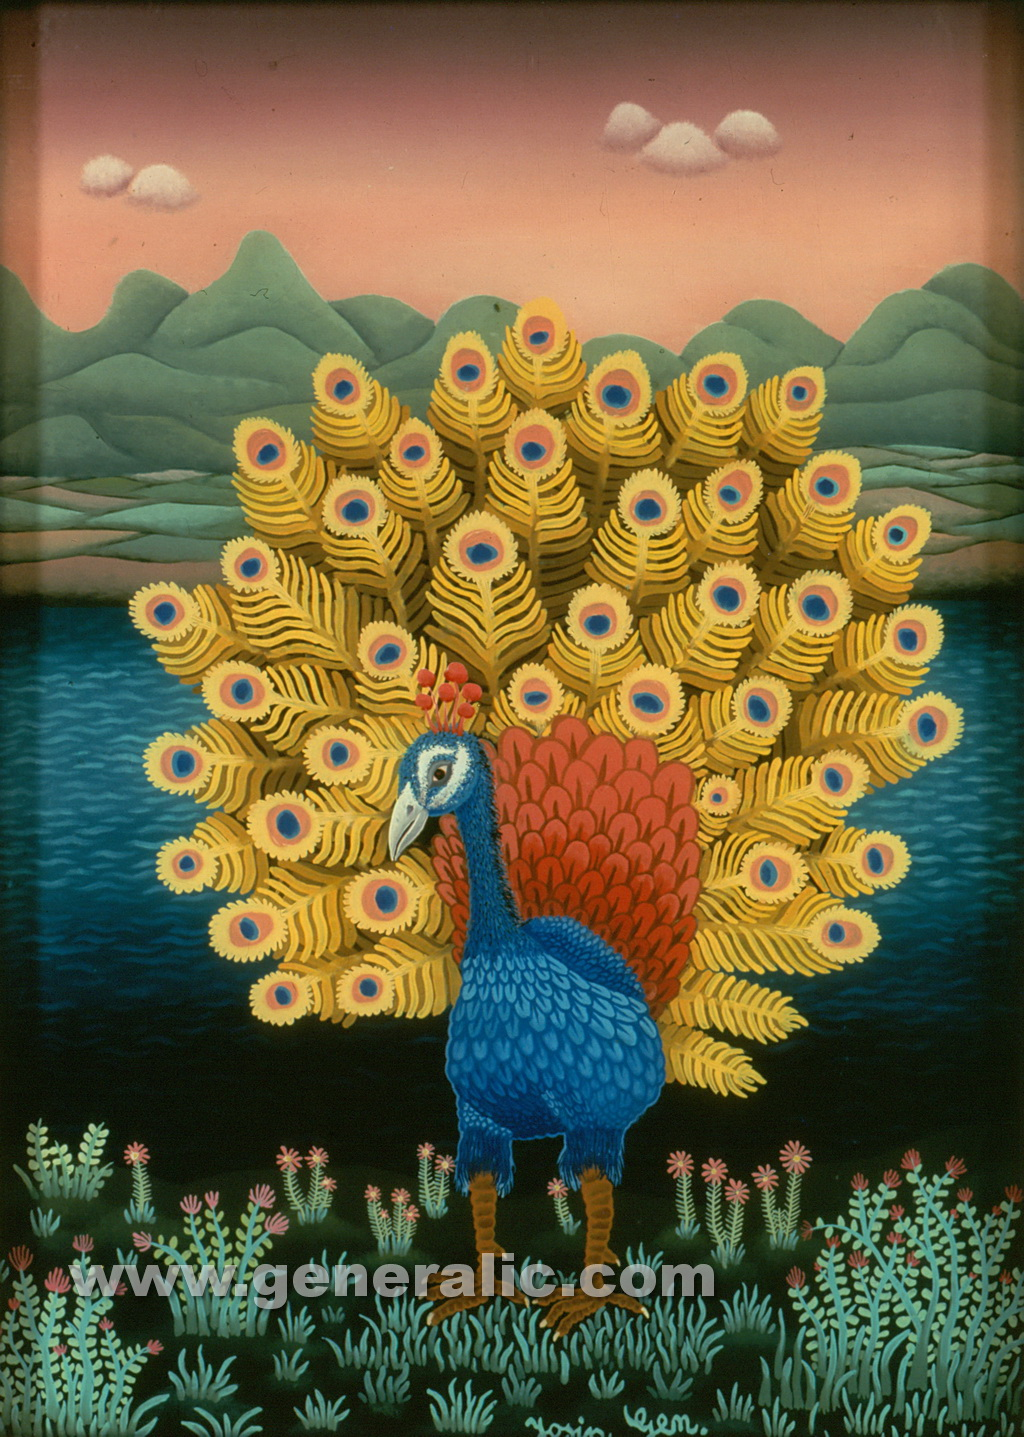 Josip Generalic, 1970, Blue peacock, oil on glass